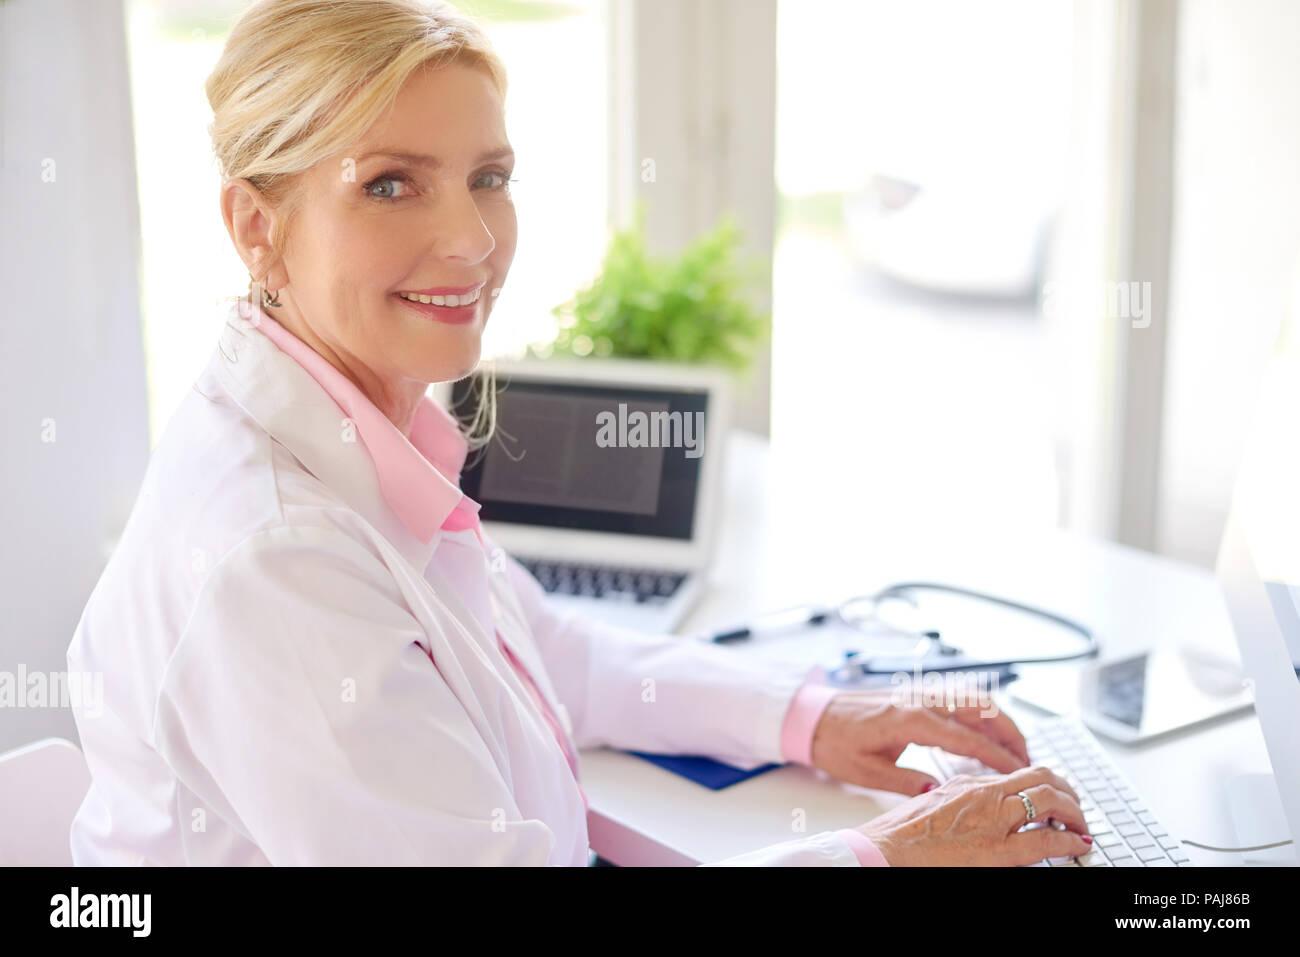 Sorridente senior femminile medico di ricerca utilizzando il computer portatile e mentre si lavora alla scrivania. Foto Stock